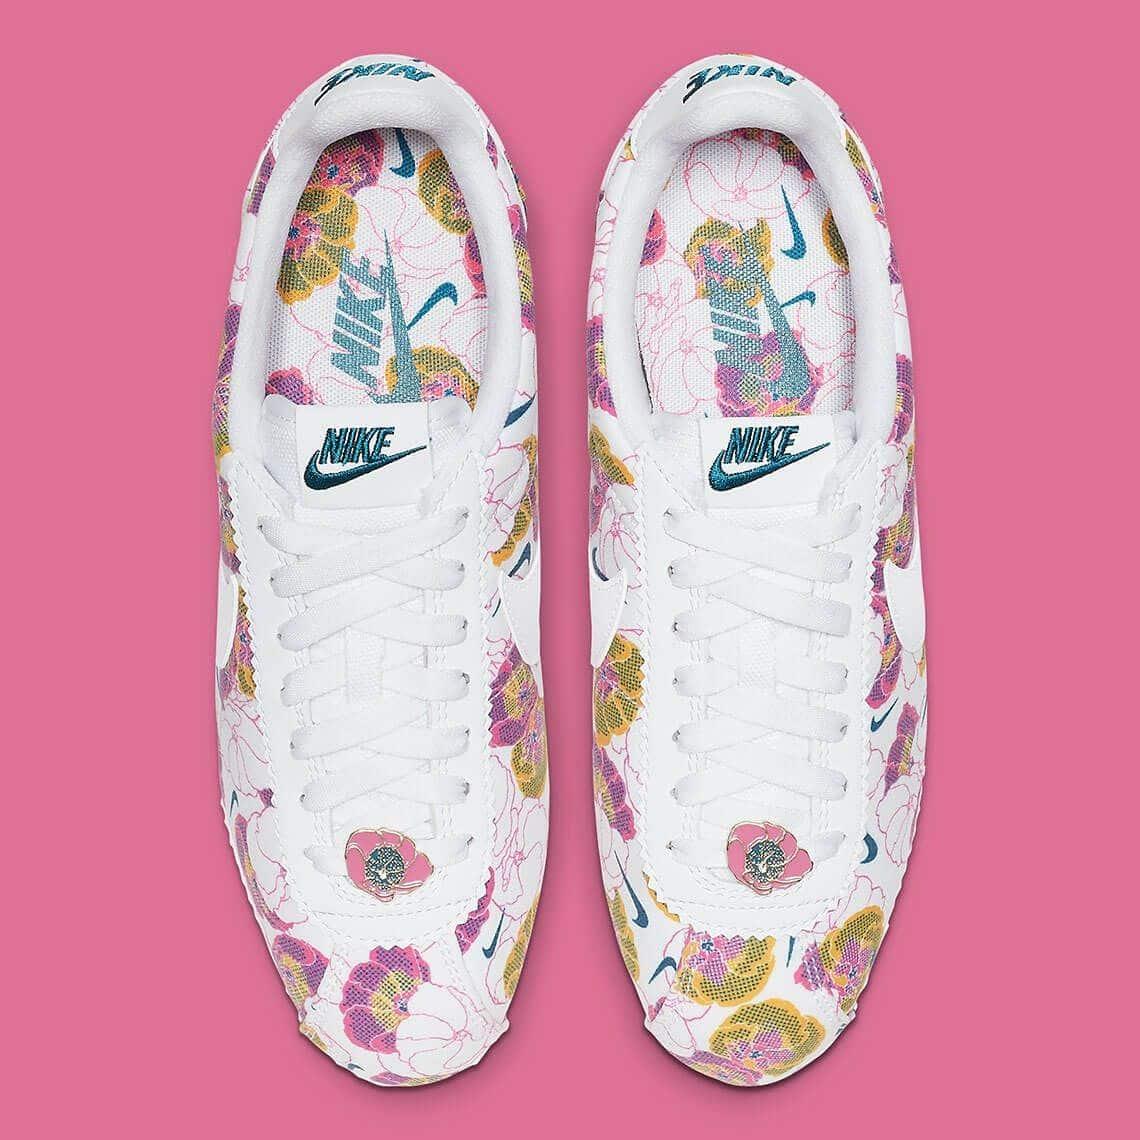 nike cortez wmns floral pack white AV1338 100 3